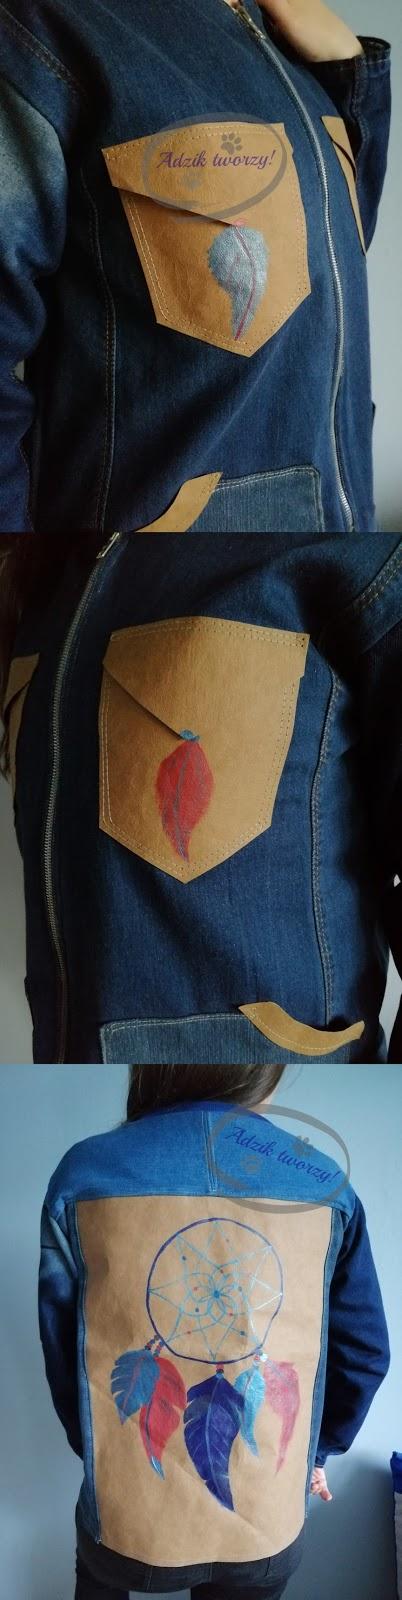 Adzik tworzy - kurtka jeansowa DIY ręcznie malowana